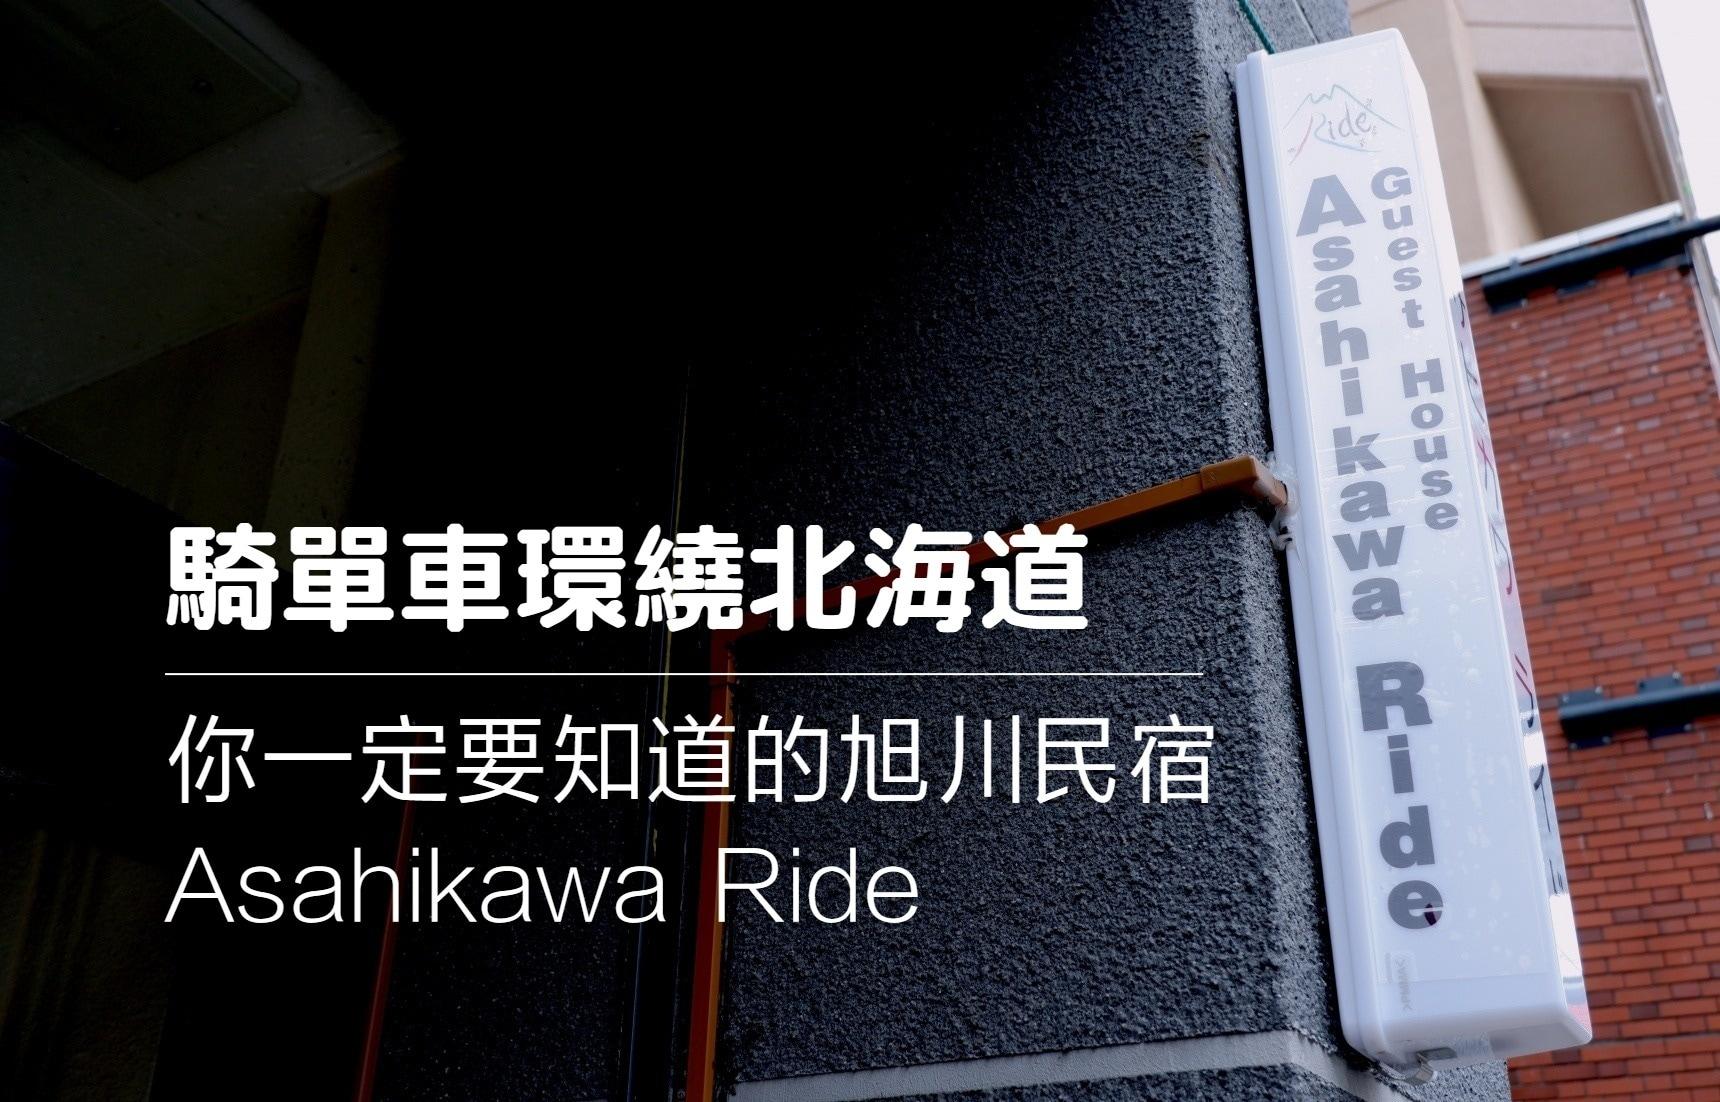 【北海道住宿】戶外活動者一定會愛上的旭川民宿 Asahikawa Ride